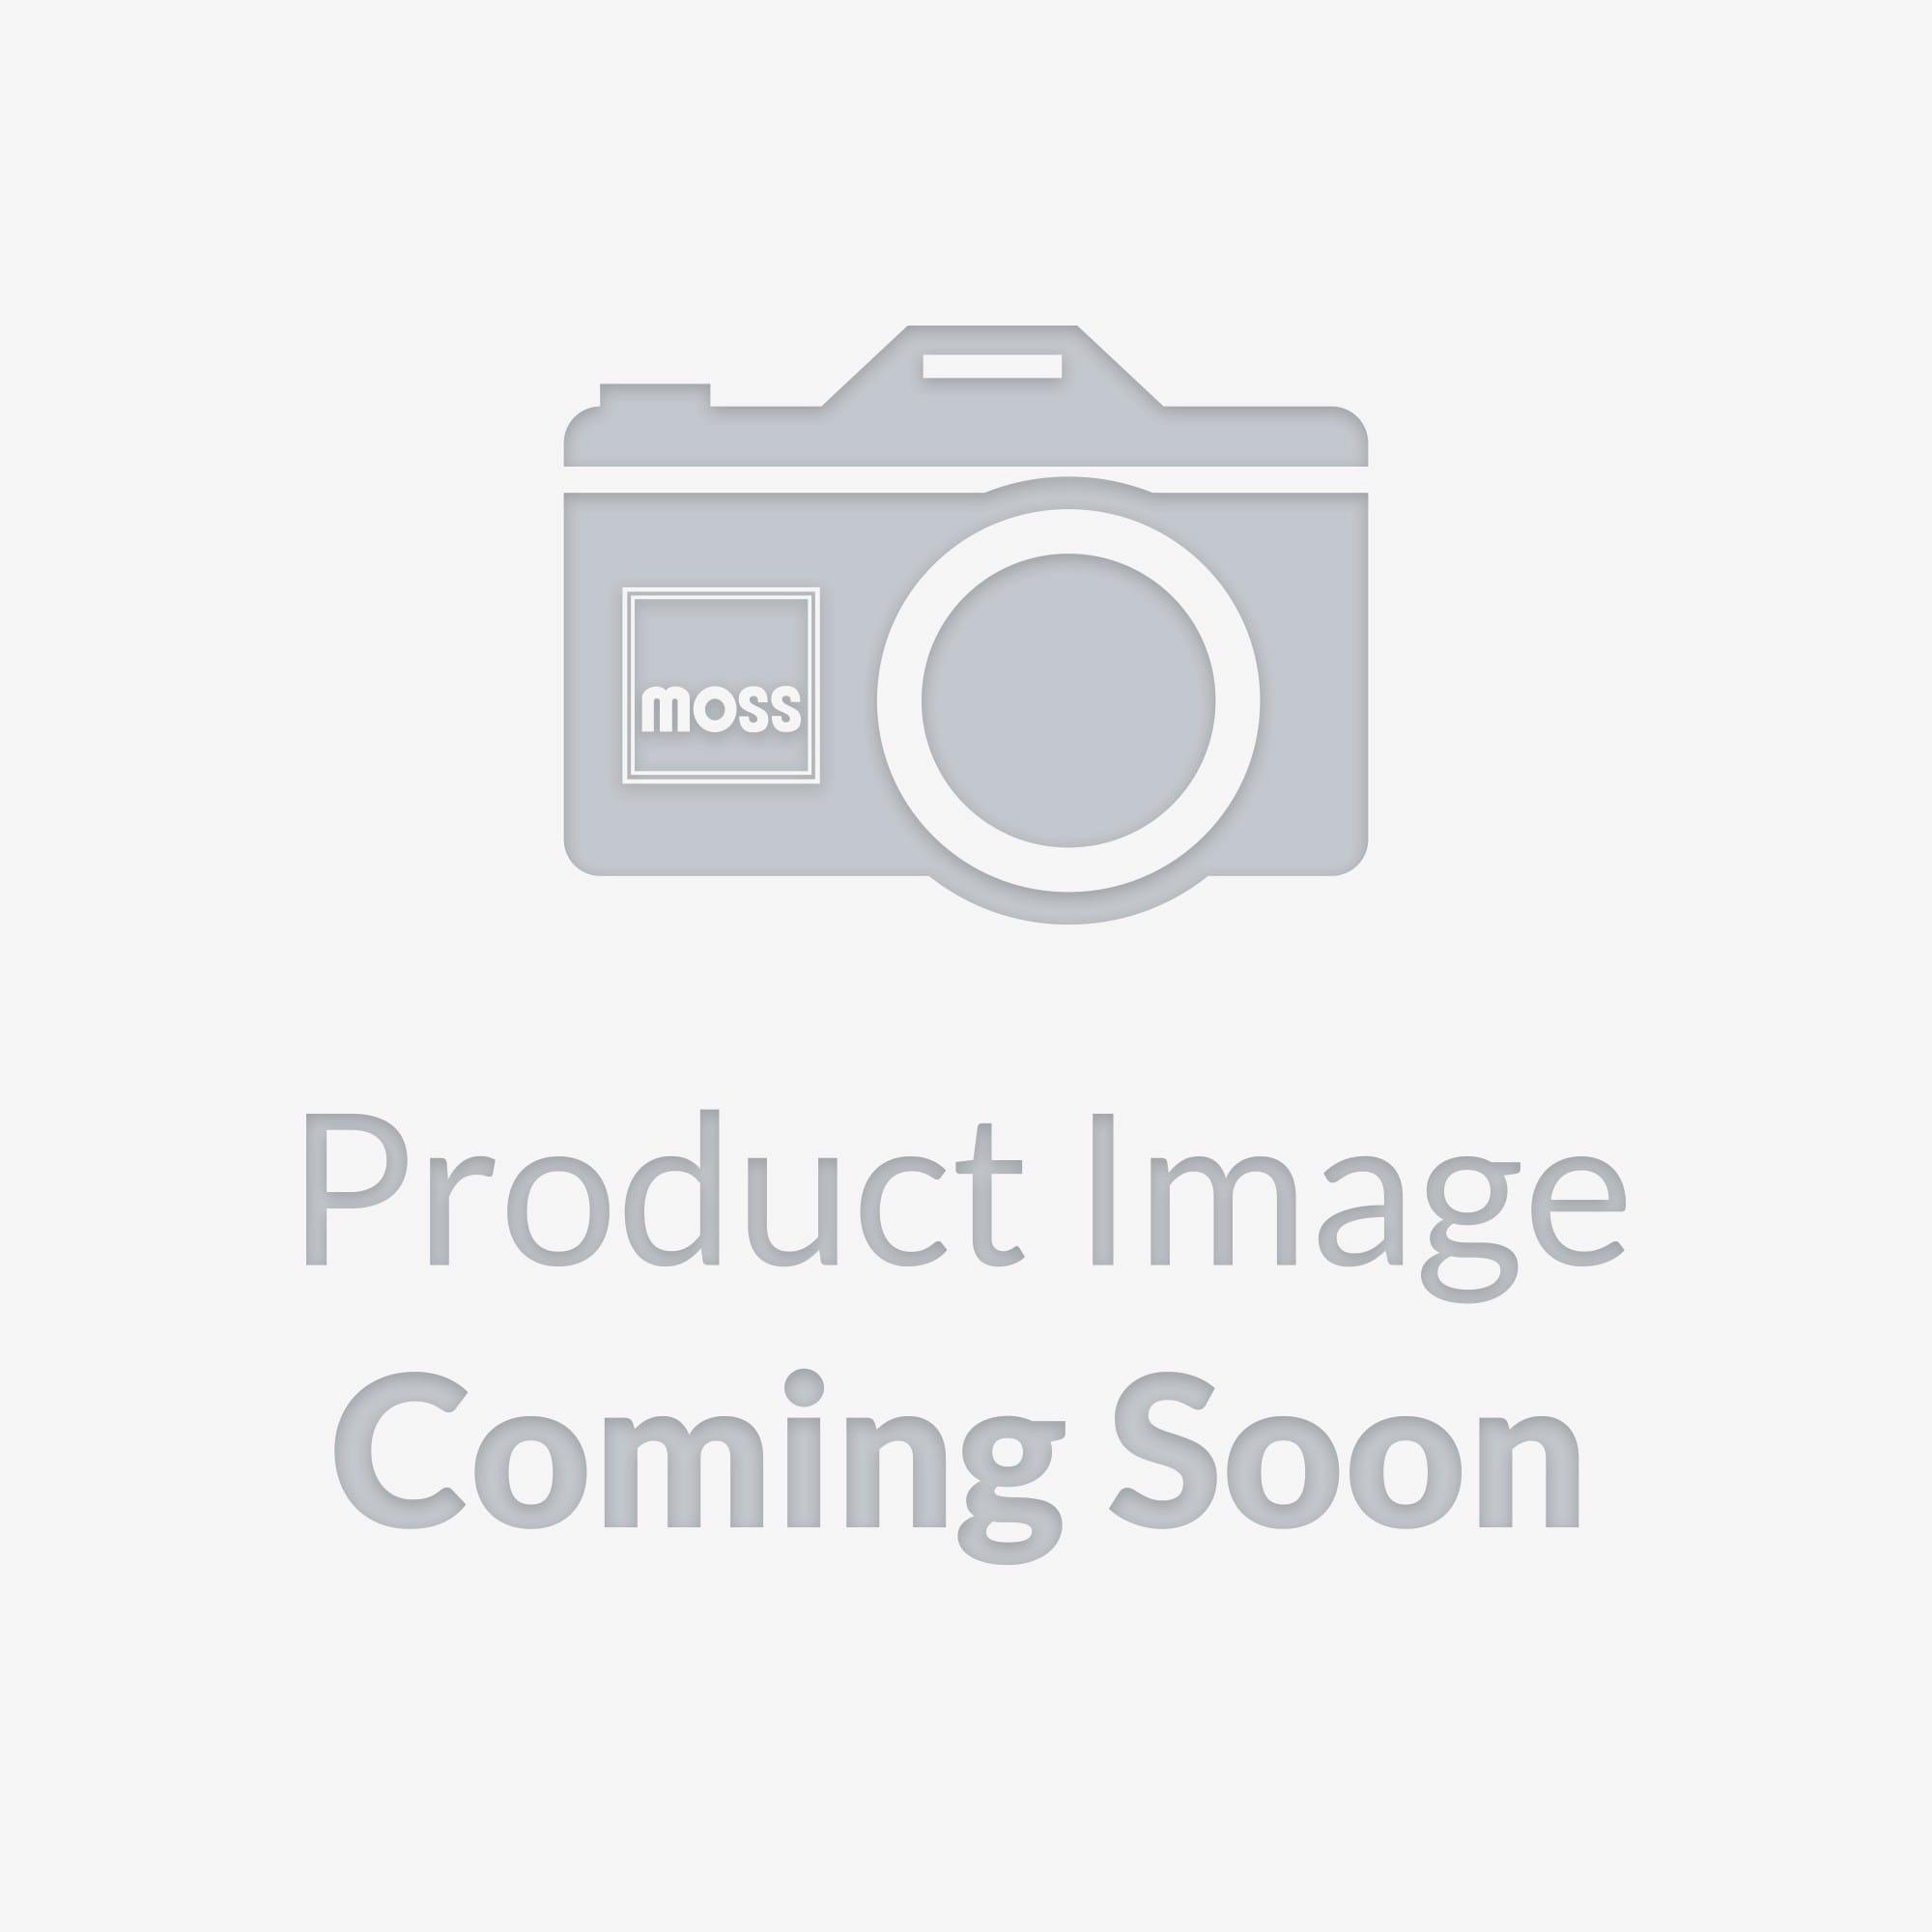 211 305 book su factory carburetor workshop manual moss motors rh mossmotors com su carb service manual su carb service manual